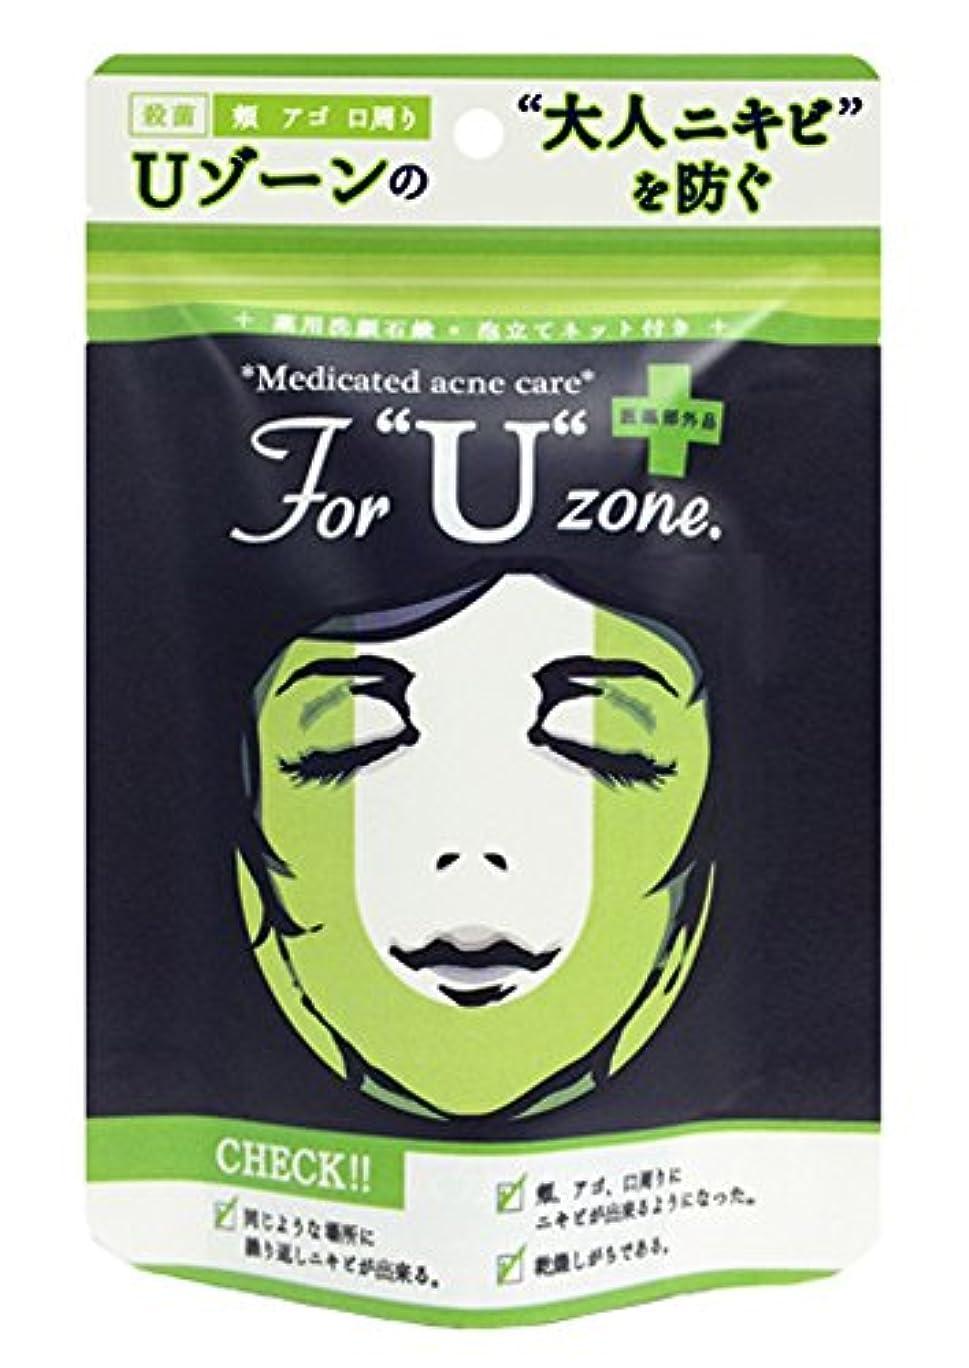 バック品退屈薬用石鹸 ForUzone 100g